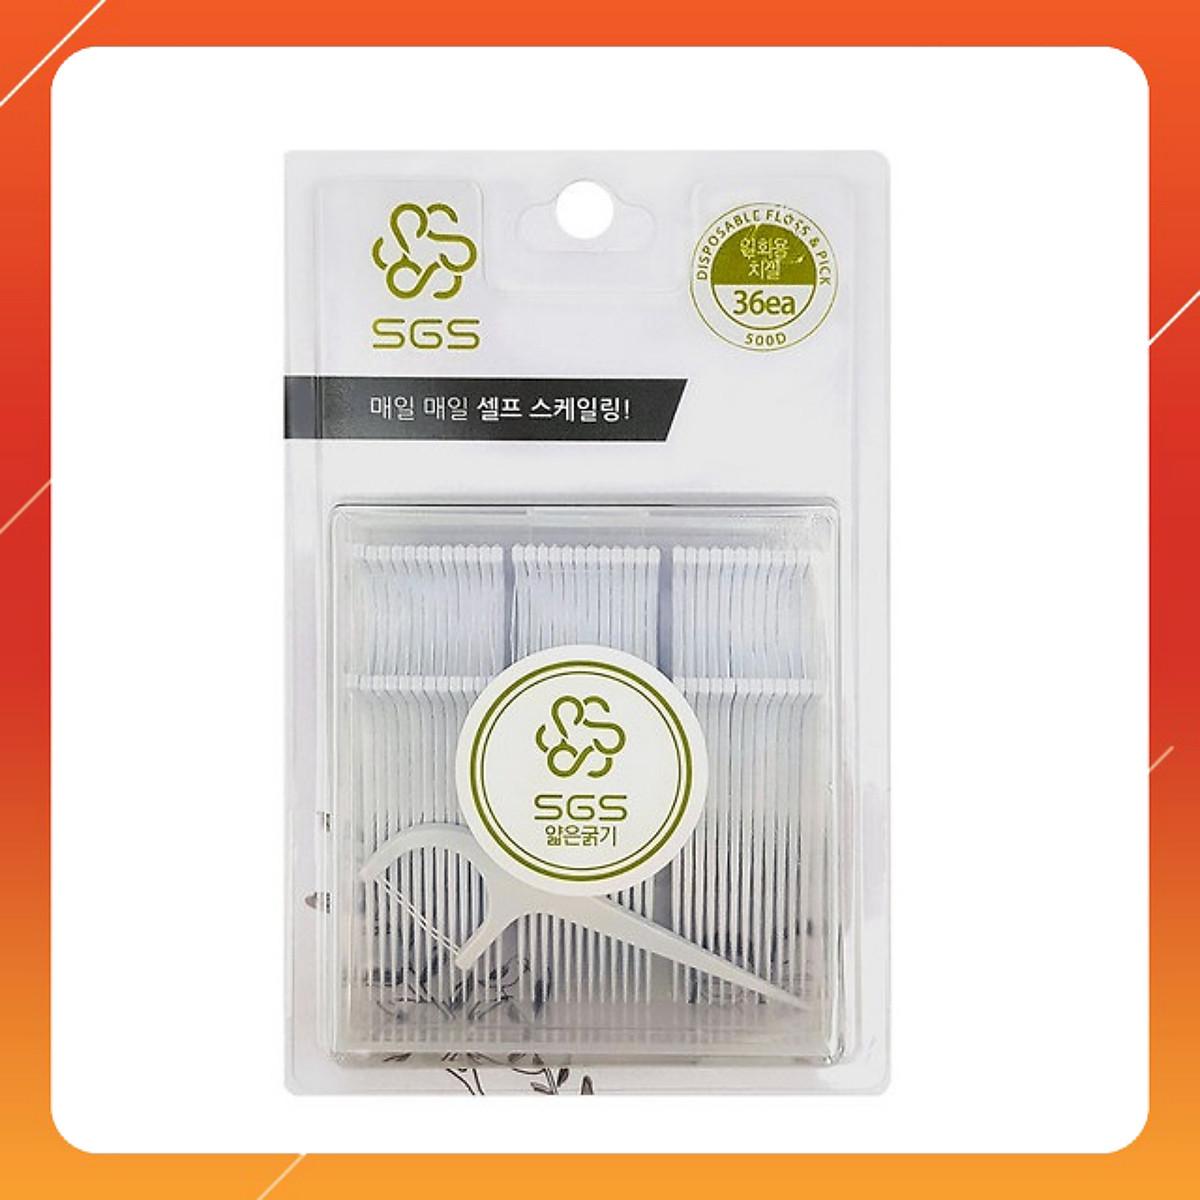 Tăm chỉ kẽ răng SGS nhập khẩu Hàn Quốc - 36 cây/hộp